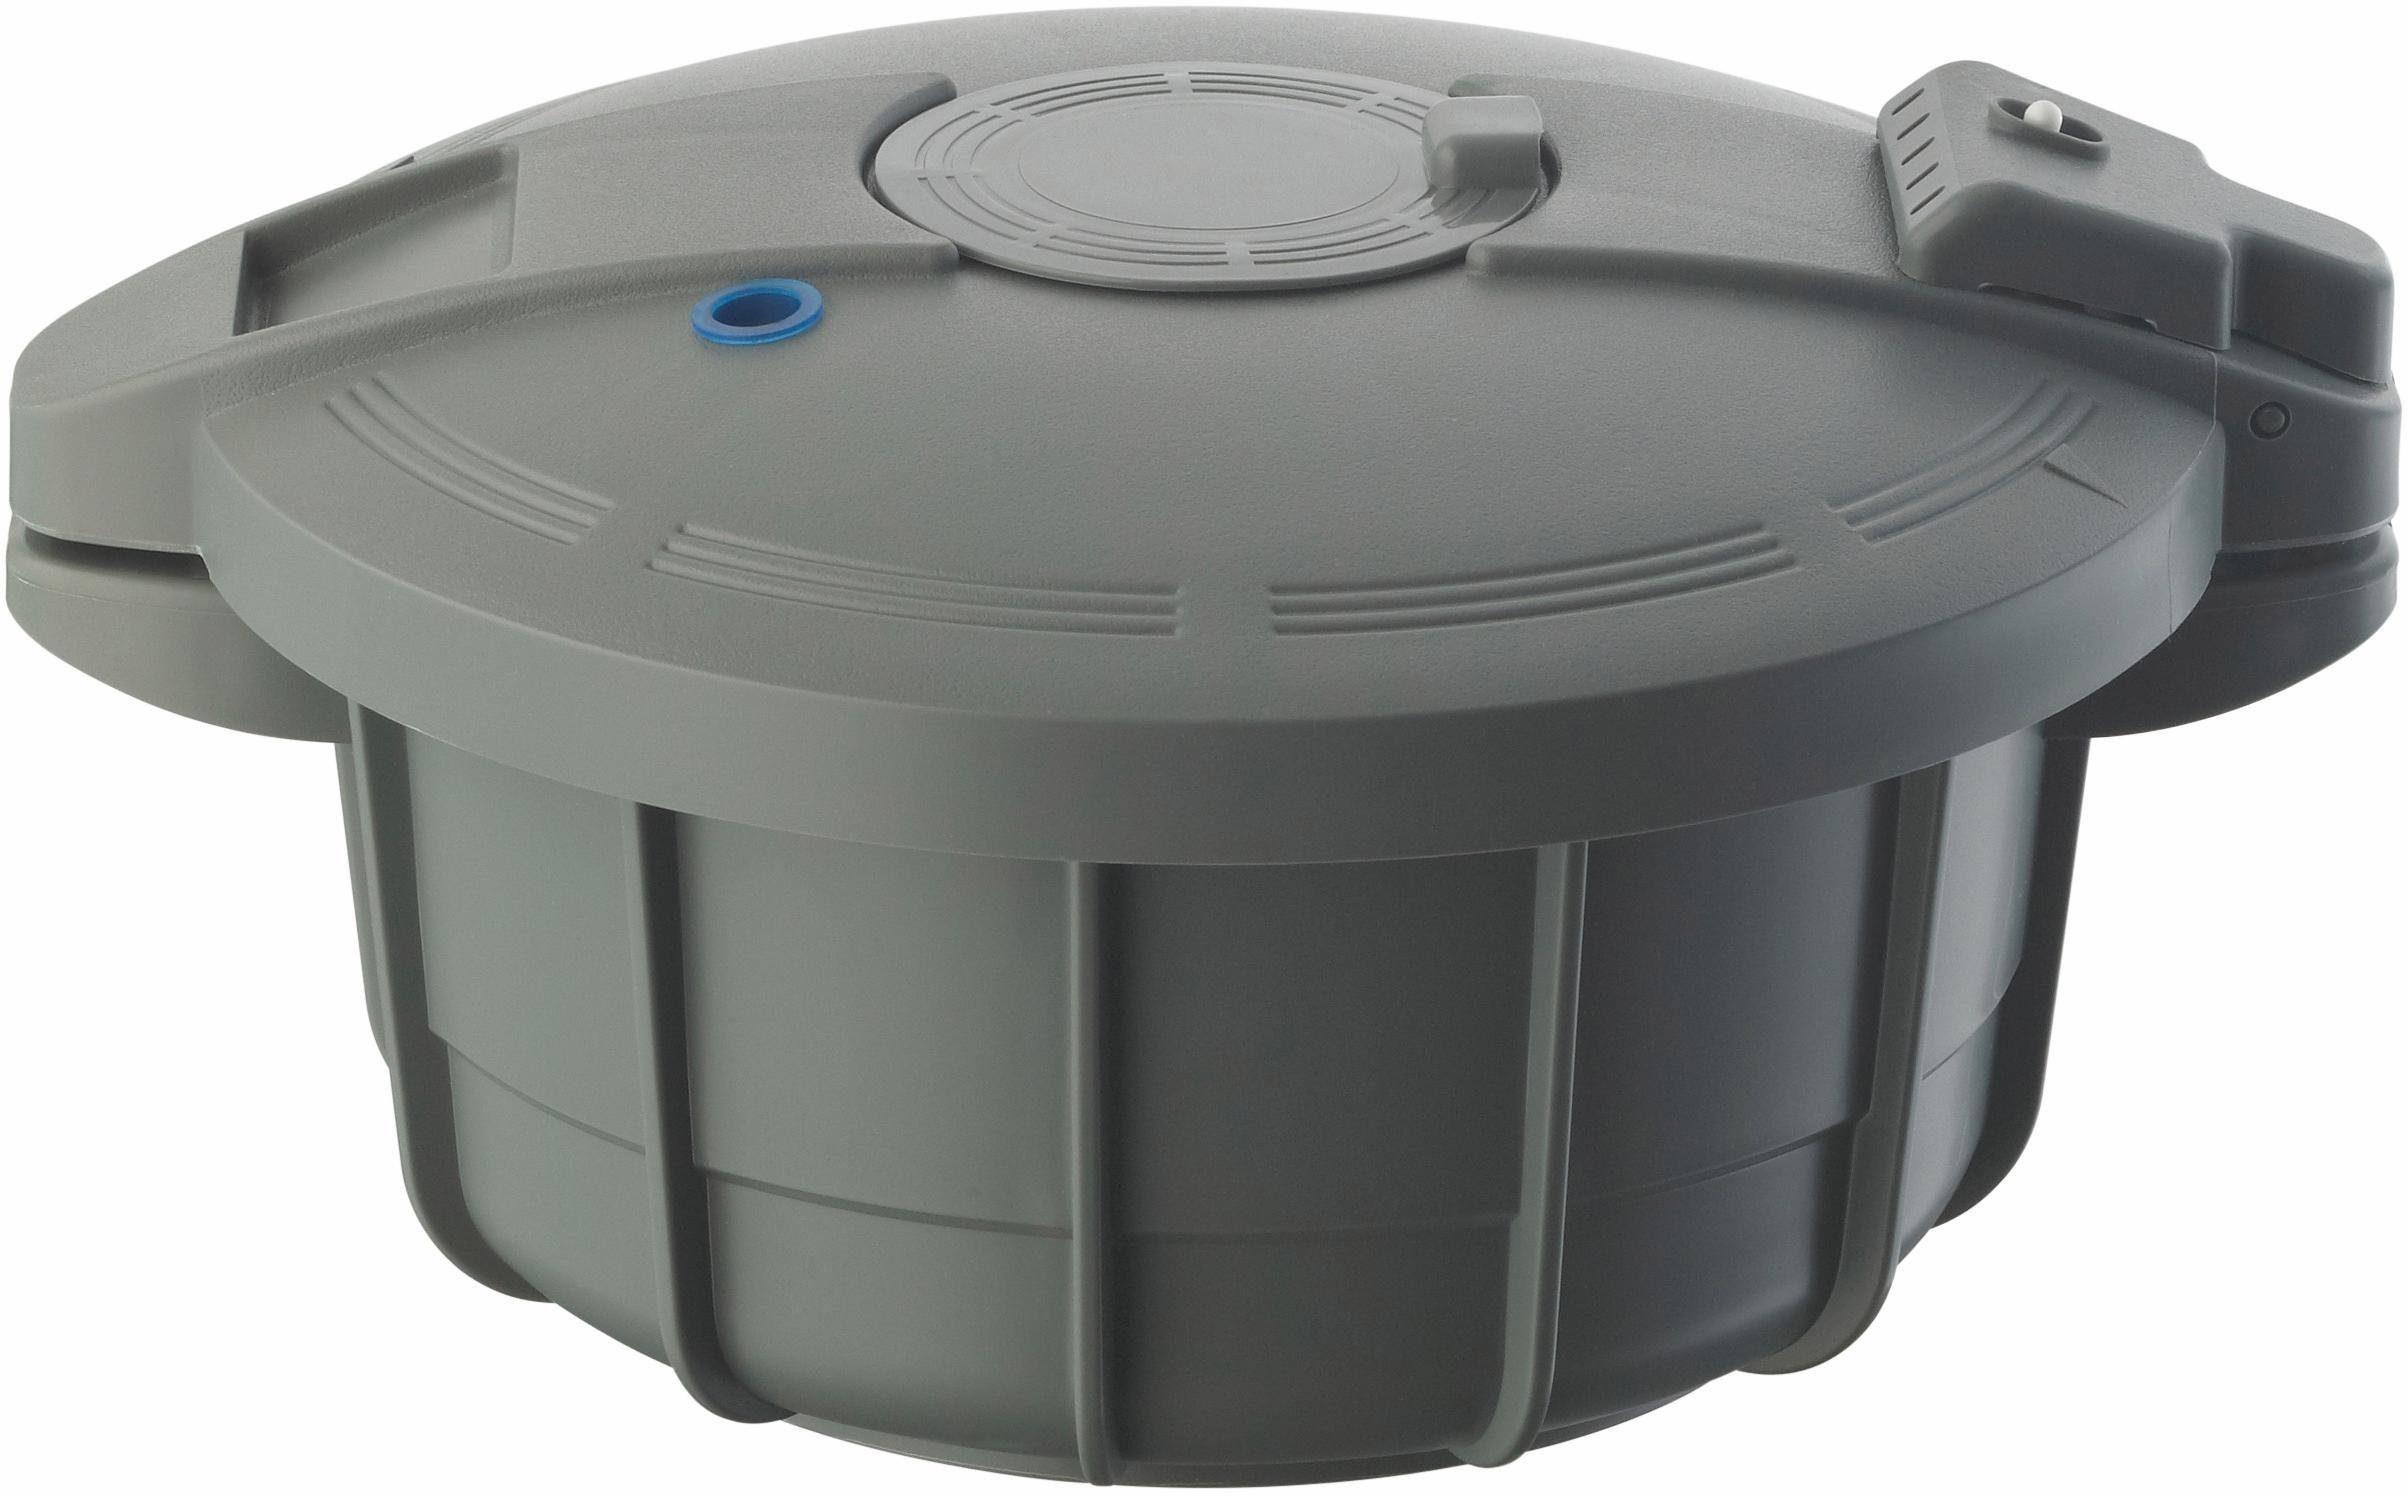 Prestige Schnellkochtopf, Kunststoff, für die Mikrowelle, 2,2 Liter